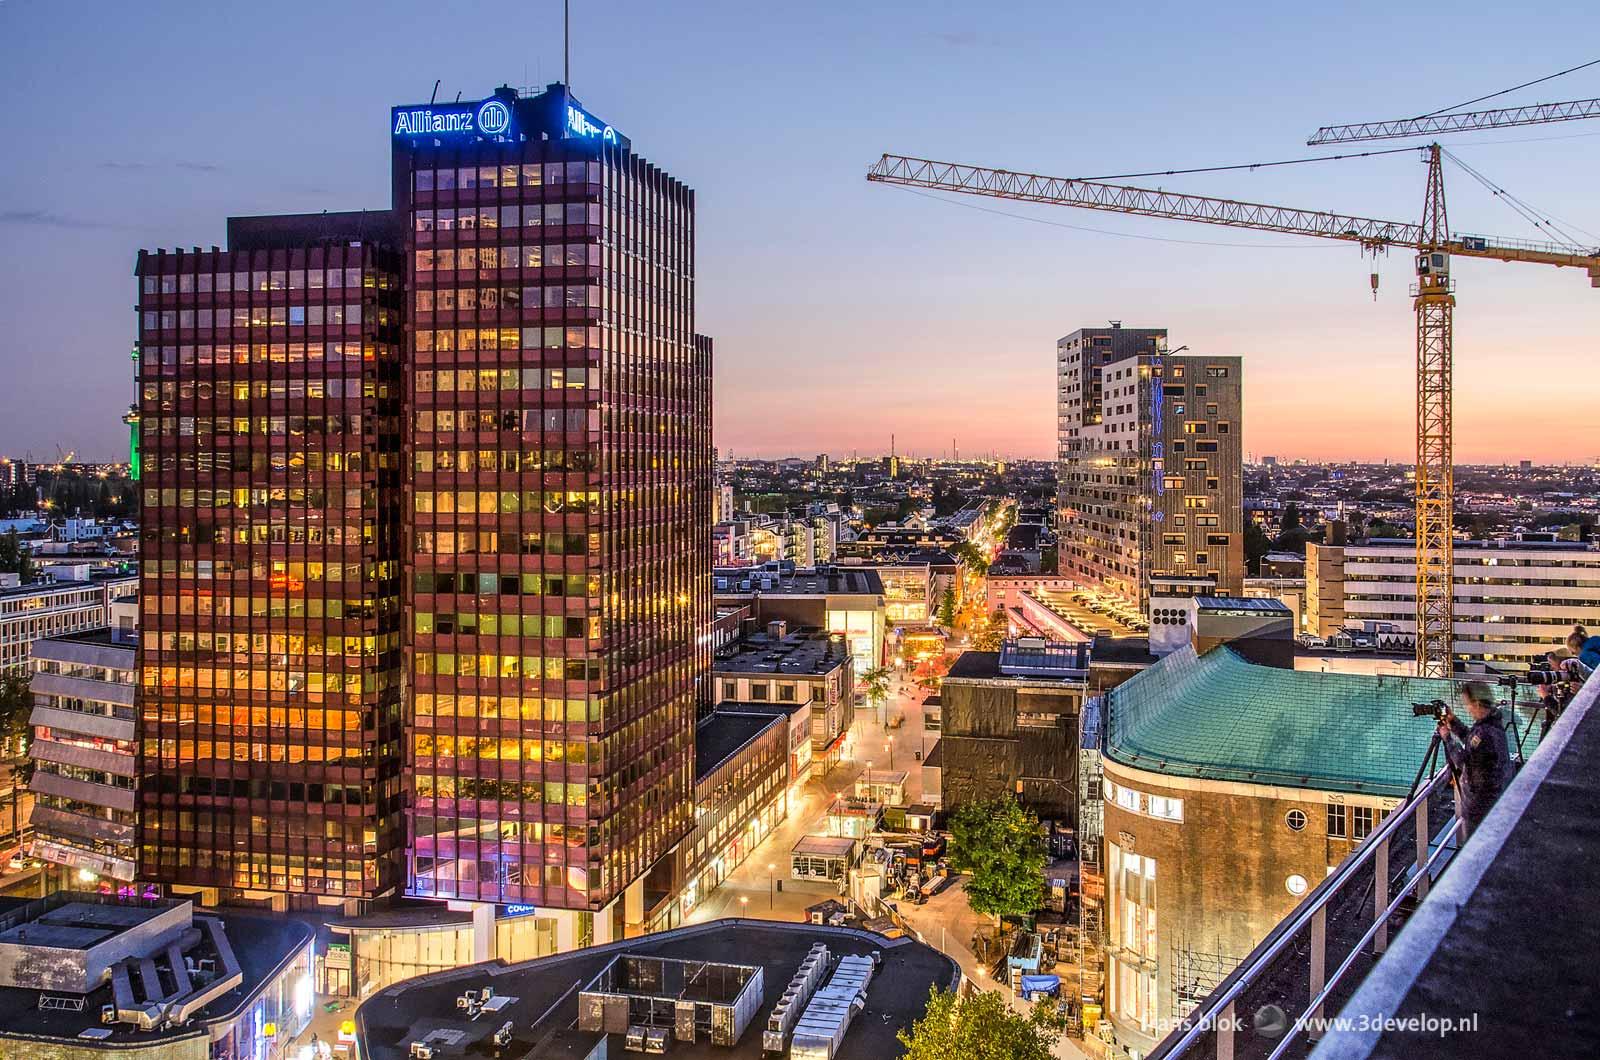 Uitzicht vanaf het dak van de Erasmushuis tijdens het blauwe uur na zonsondergang, in de richting van het Binnenwegplein, de Oude en de Nieuwe Binnenweg